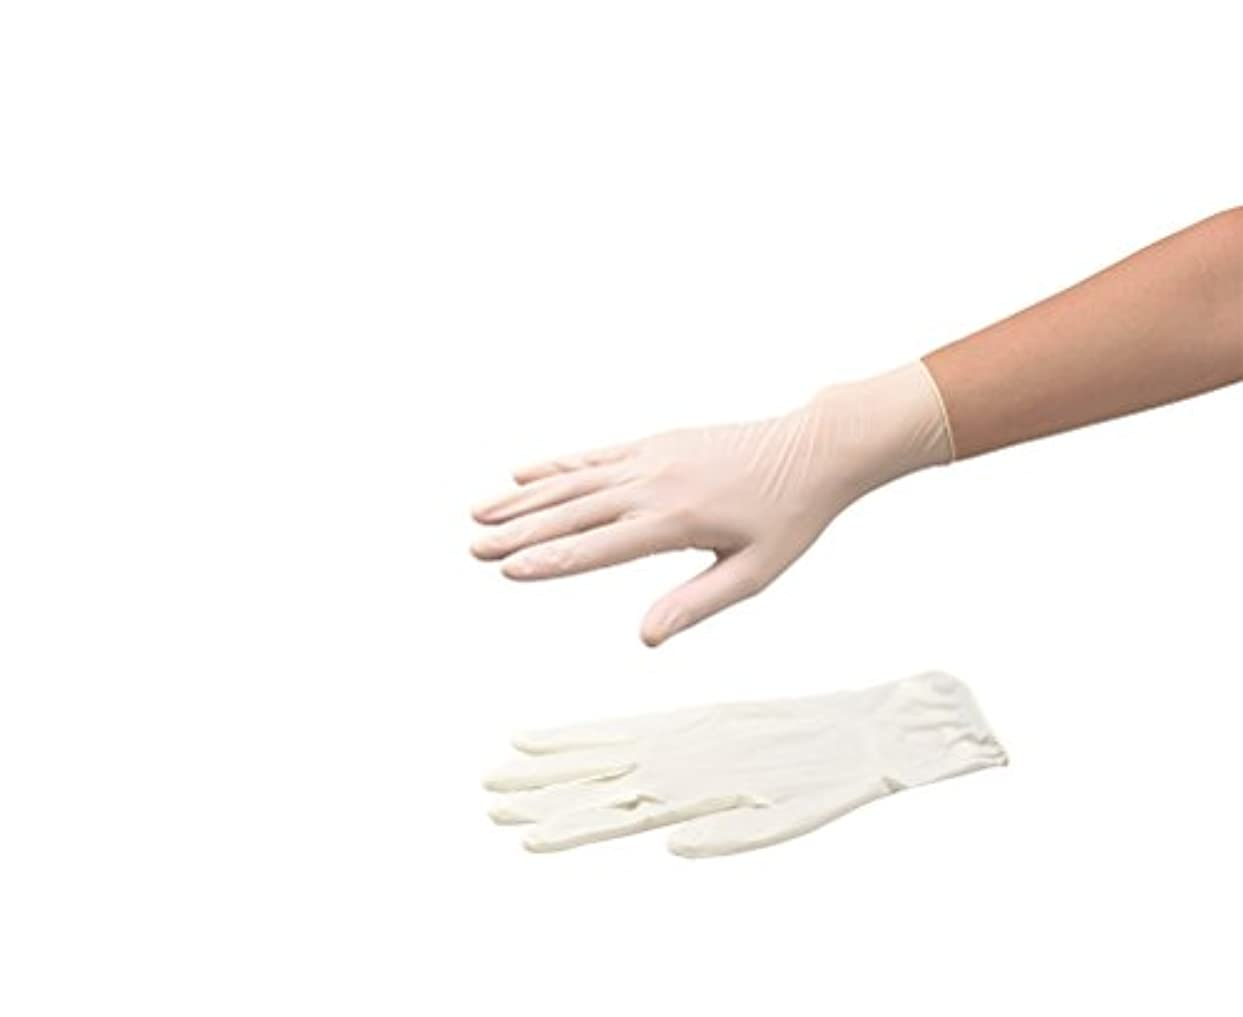 標準散る被害者ナビロール手袋(指先エンボス?エコノミータイプ?パウダー付) S 1箱(100枚入) /8-9970-03